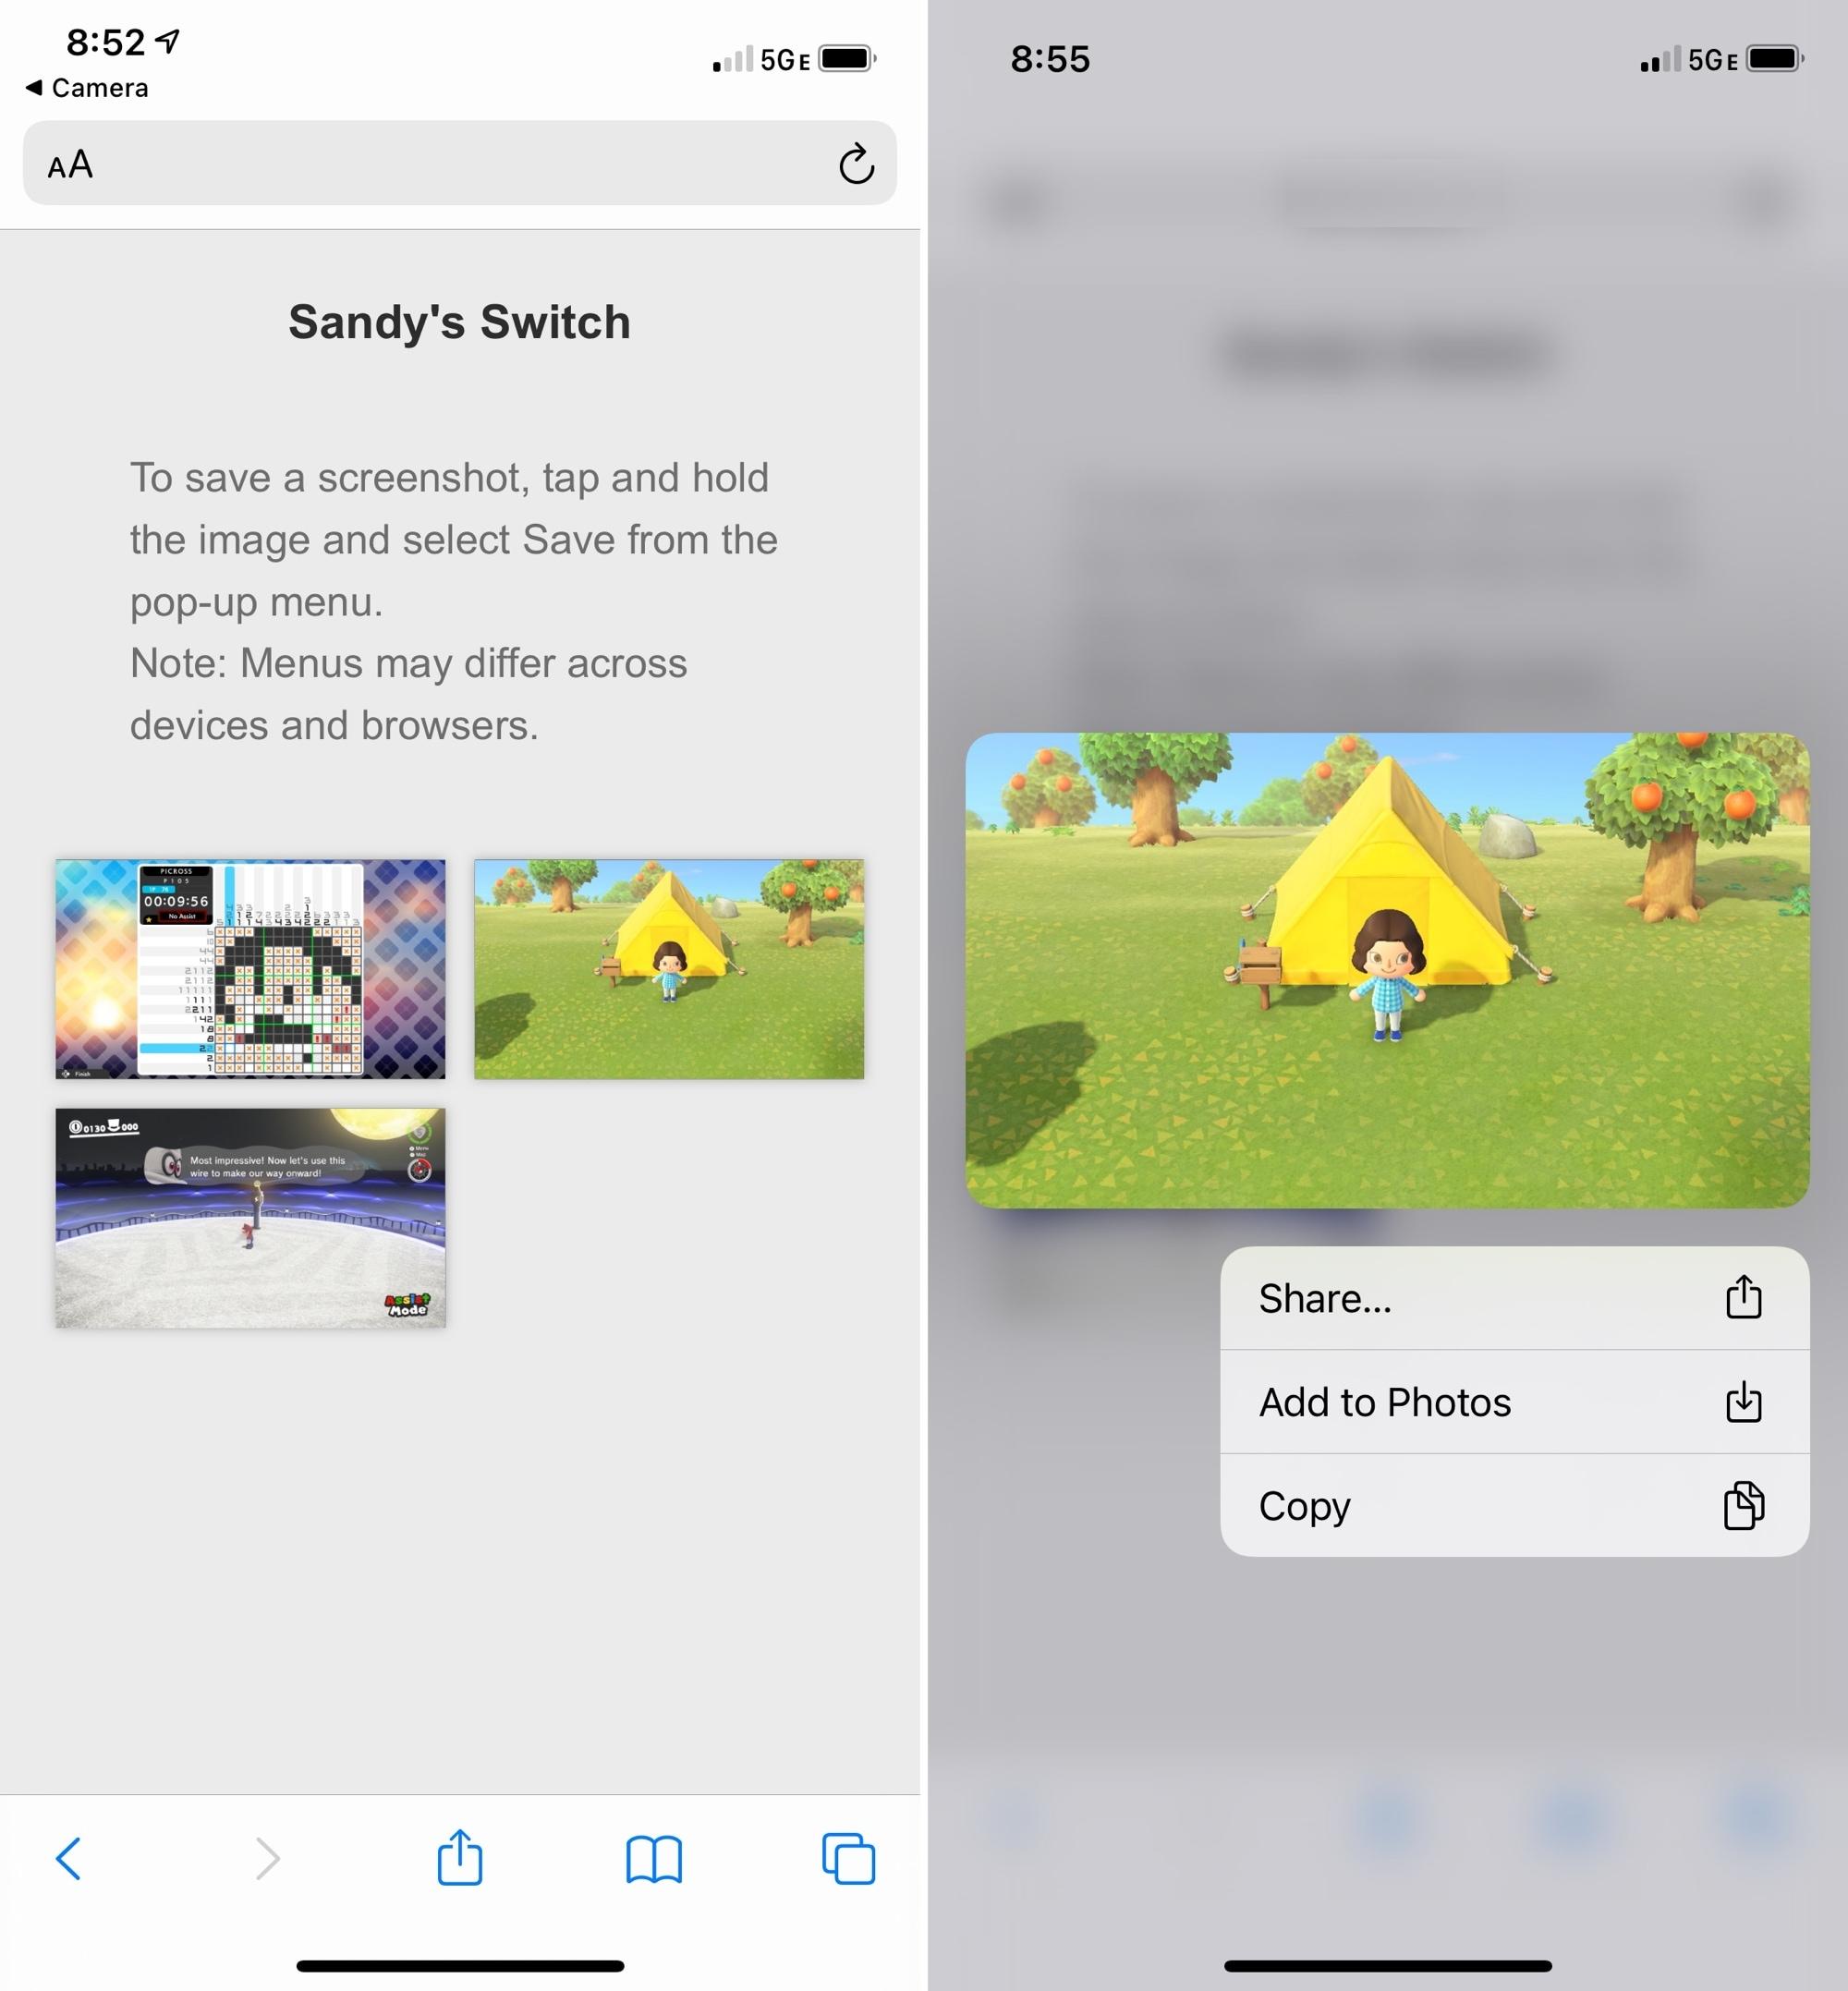 Sandys Switch in Safari on iPhone